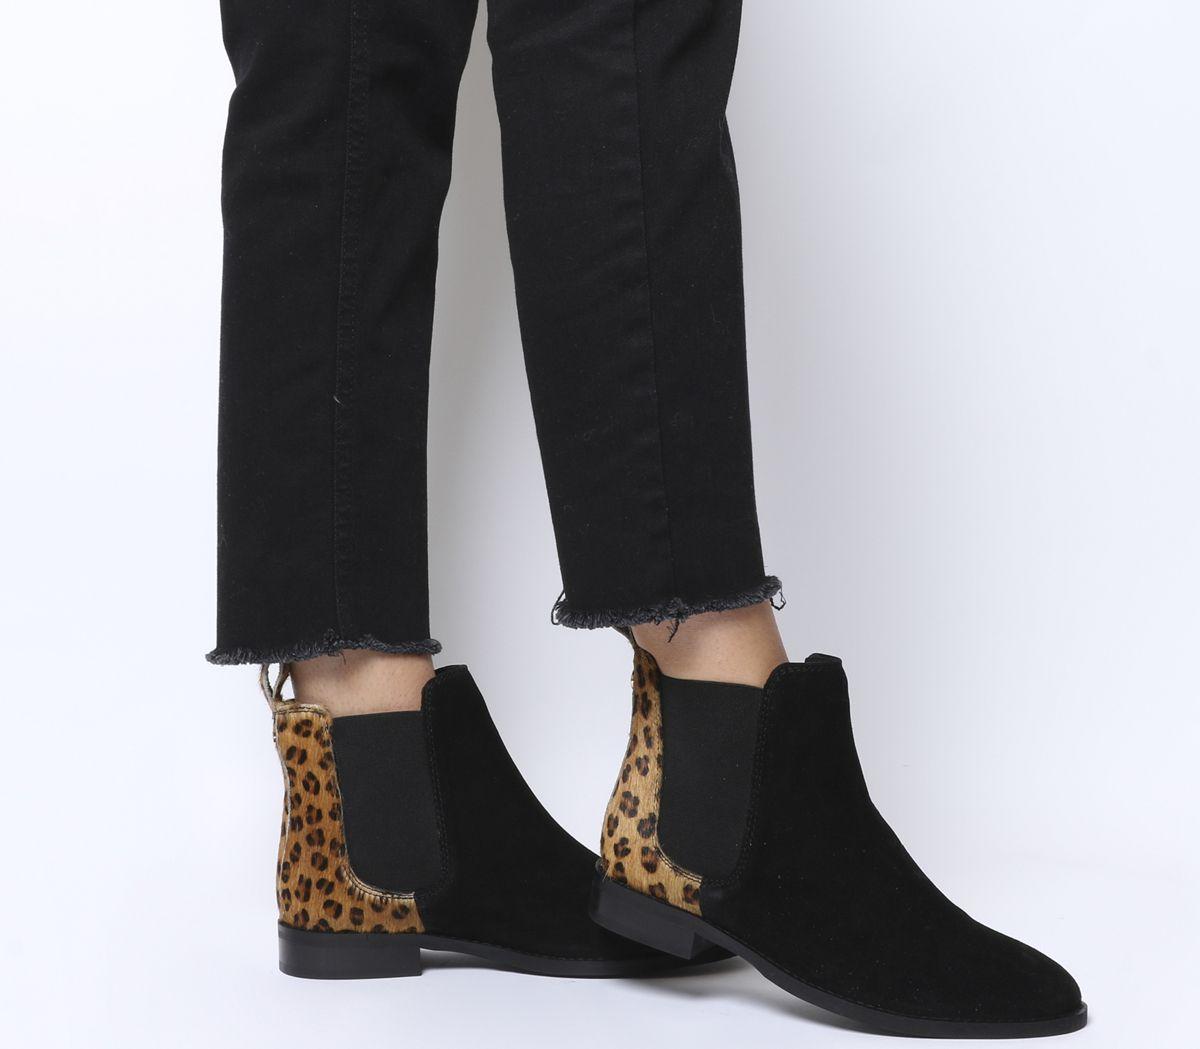 24d51888b0 Office Bramble Chelsea Boots Black Suede Leopard Cow Hair Mix ...